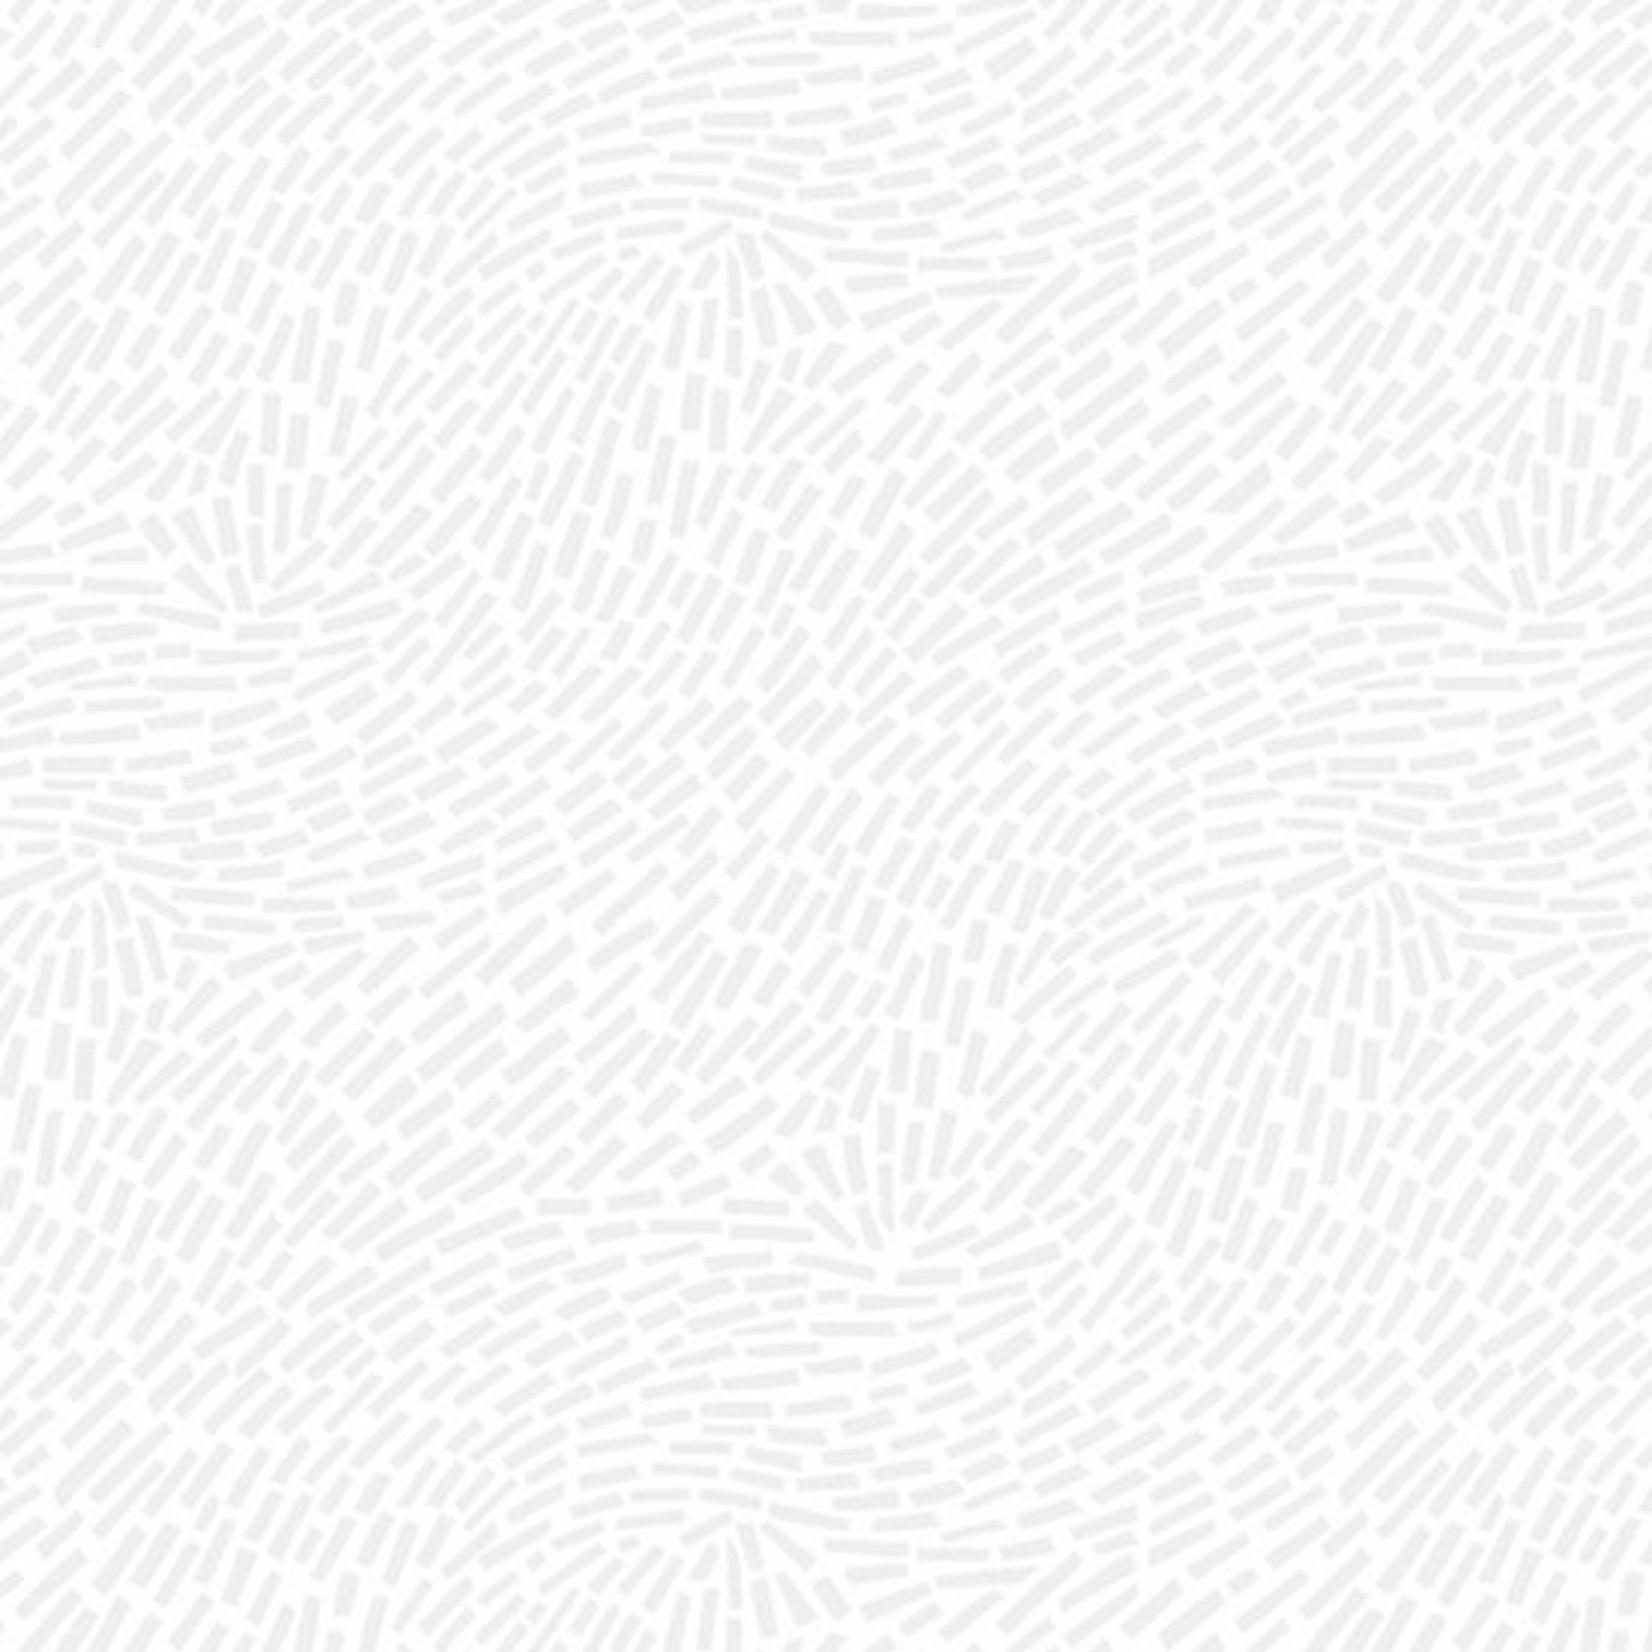 ANDOVER Century Whites, Mosaic CS-9692-WW $0.18 per cm or $18/m